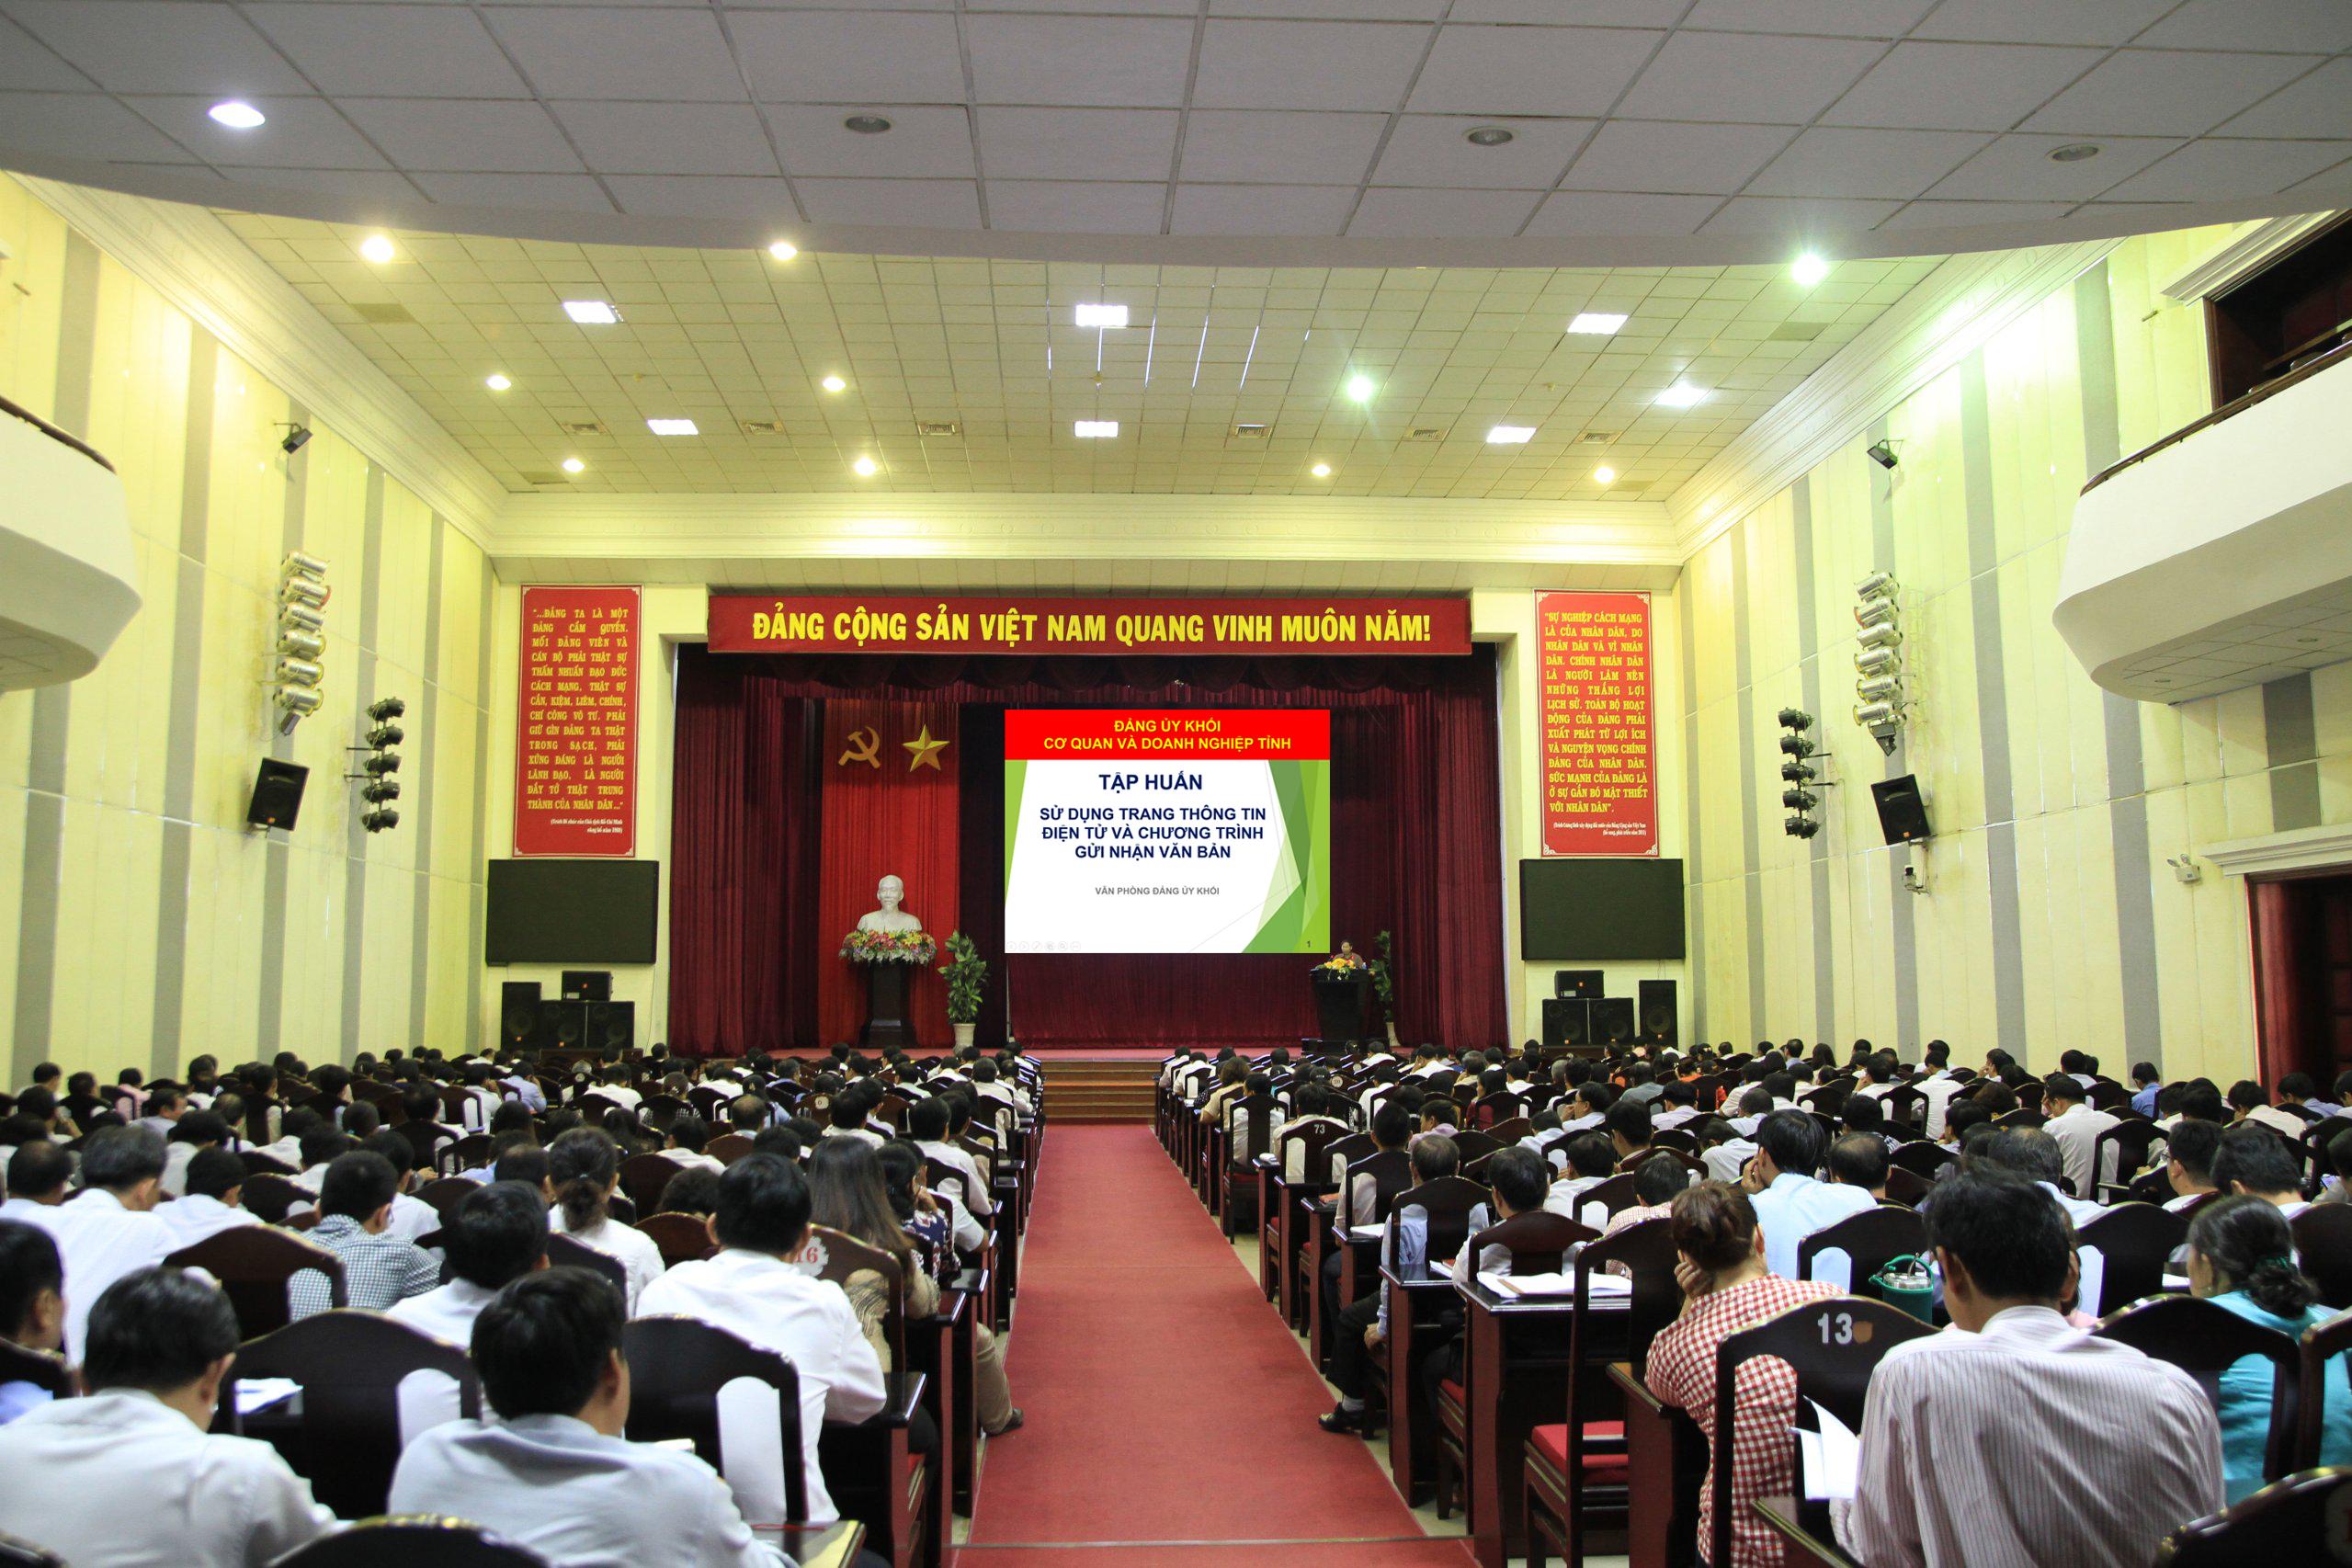 Hình Ứng dụng công nghệ thông tin trong công tác xây dựng Đảng của Đảng ủy Khối cơ quan và doanh nghiệp tỉnh Bình Thuận-một bài toán cần tiếp tục được quan tâm